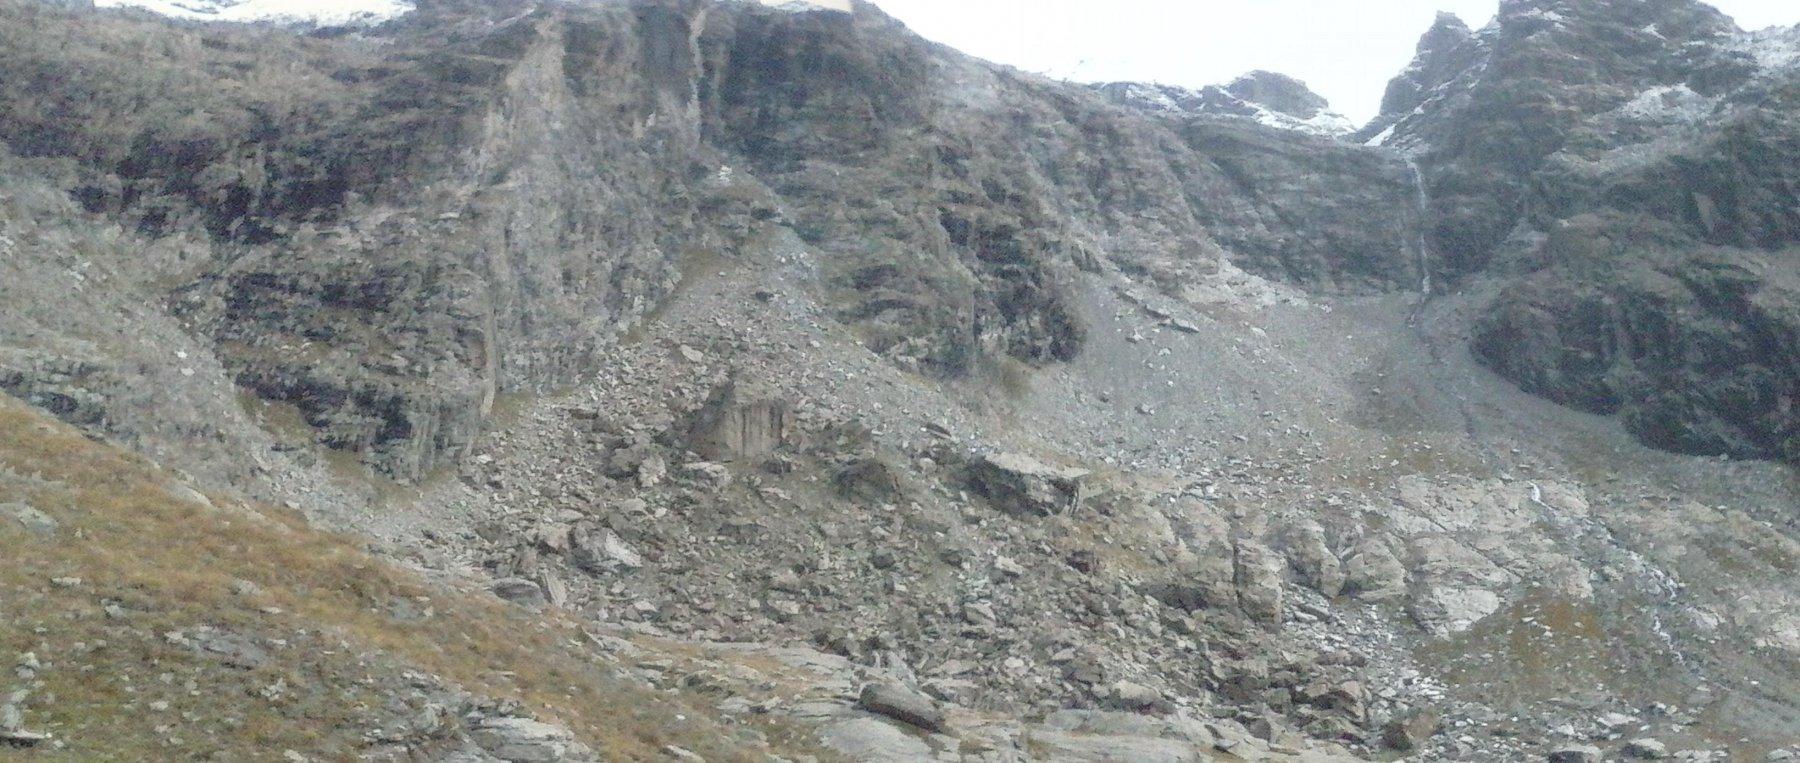 la bastionata finale...a sinistra visibile il bivacco,a destra  la cascata che fuoriesce dal gran lago...